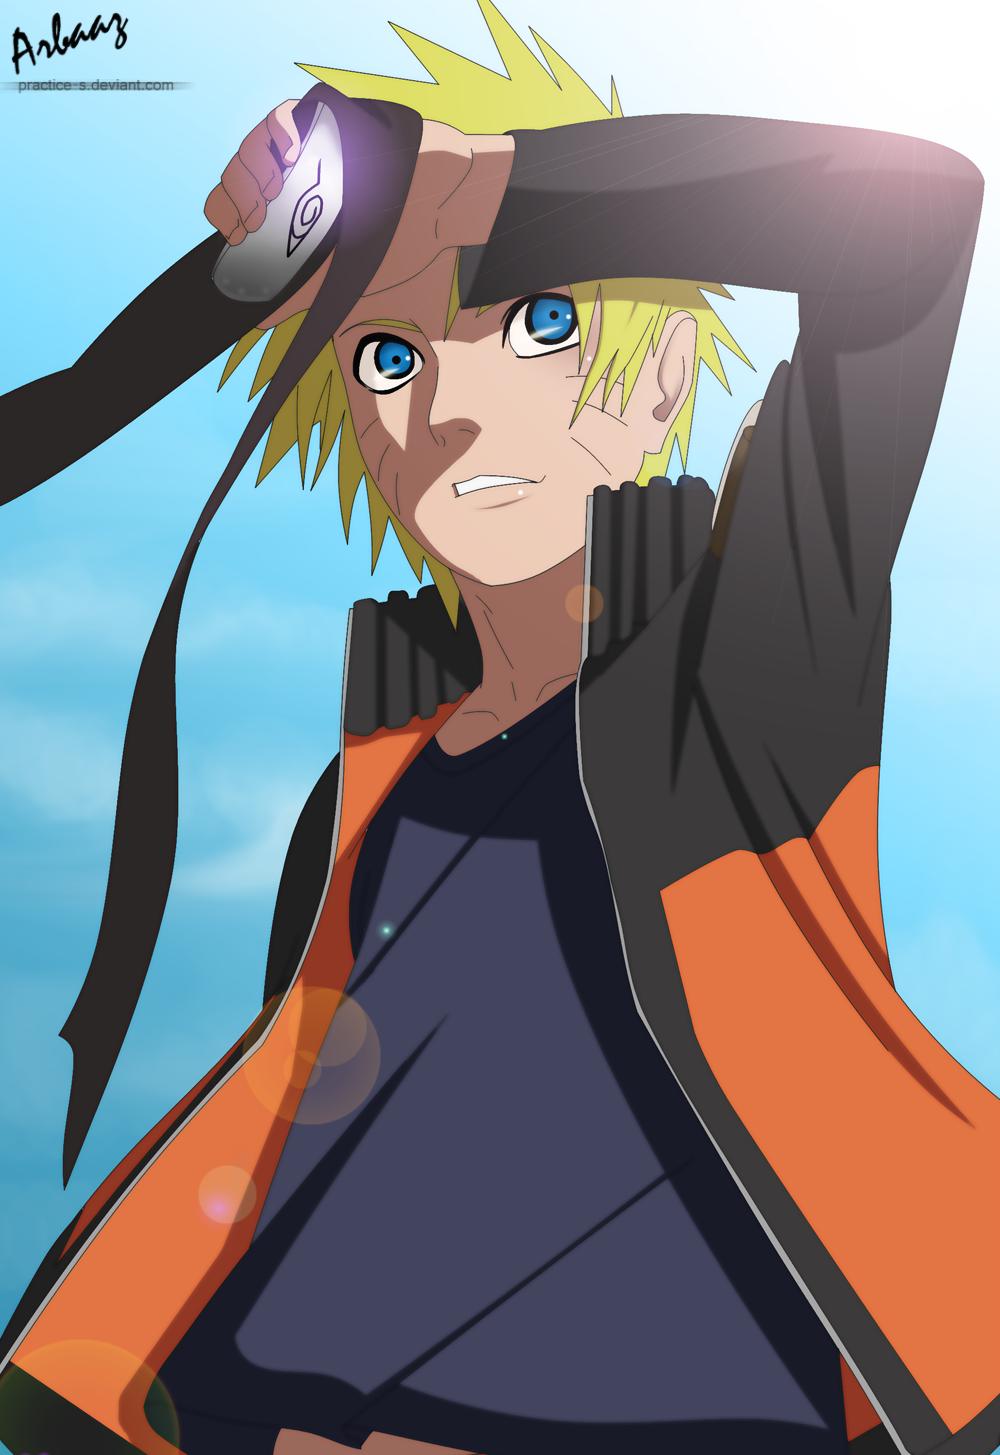 Naruto Wallpaper Tumblr Naruto Shinpuuden Wallpaper